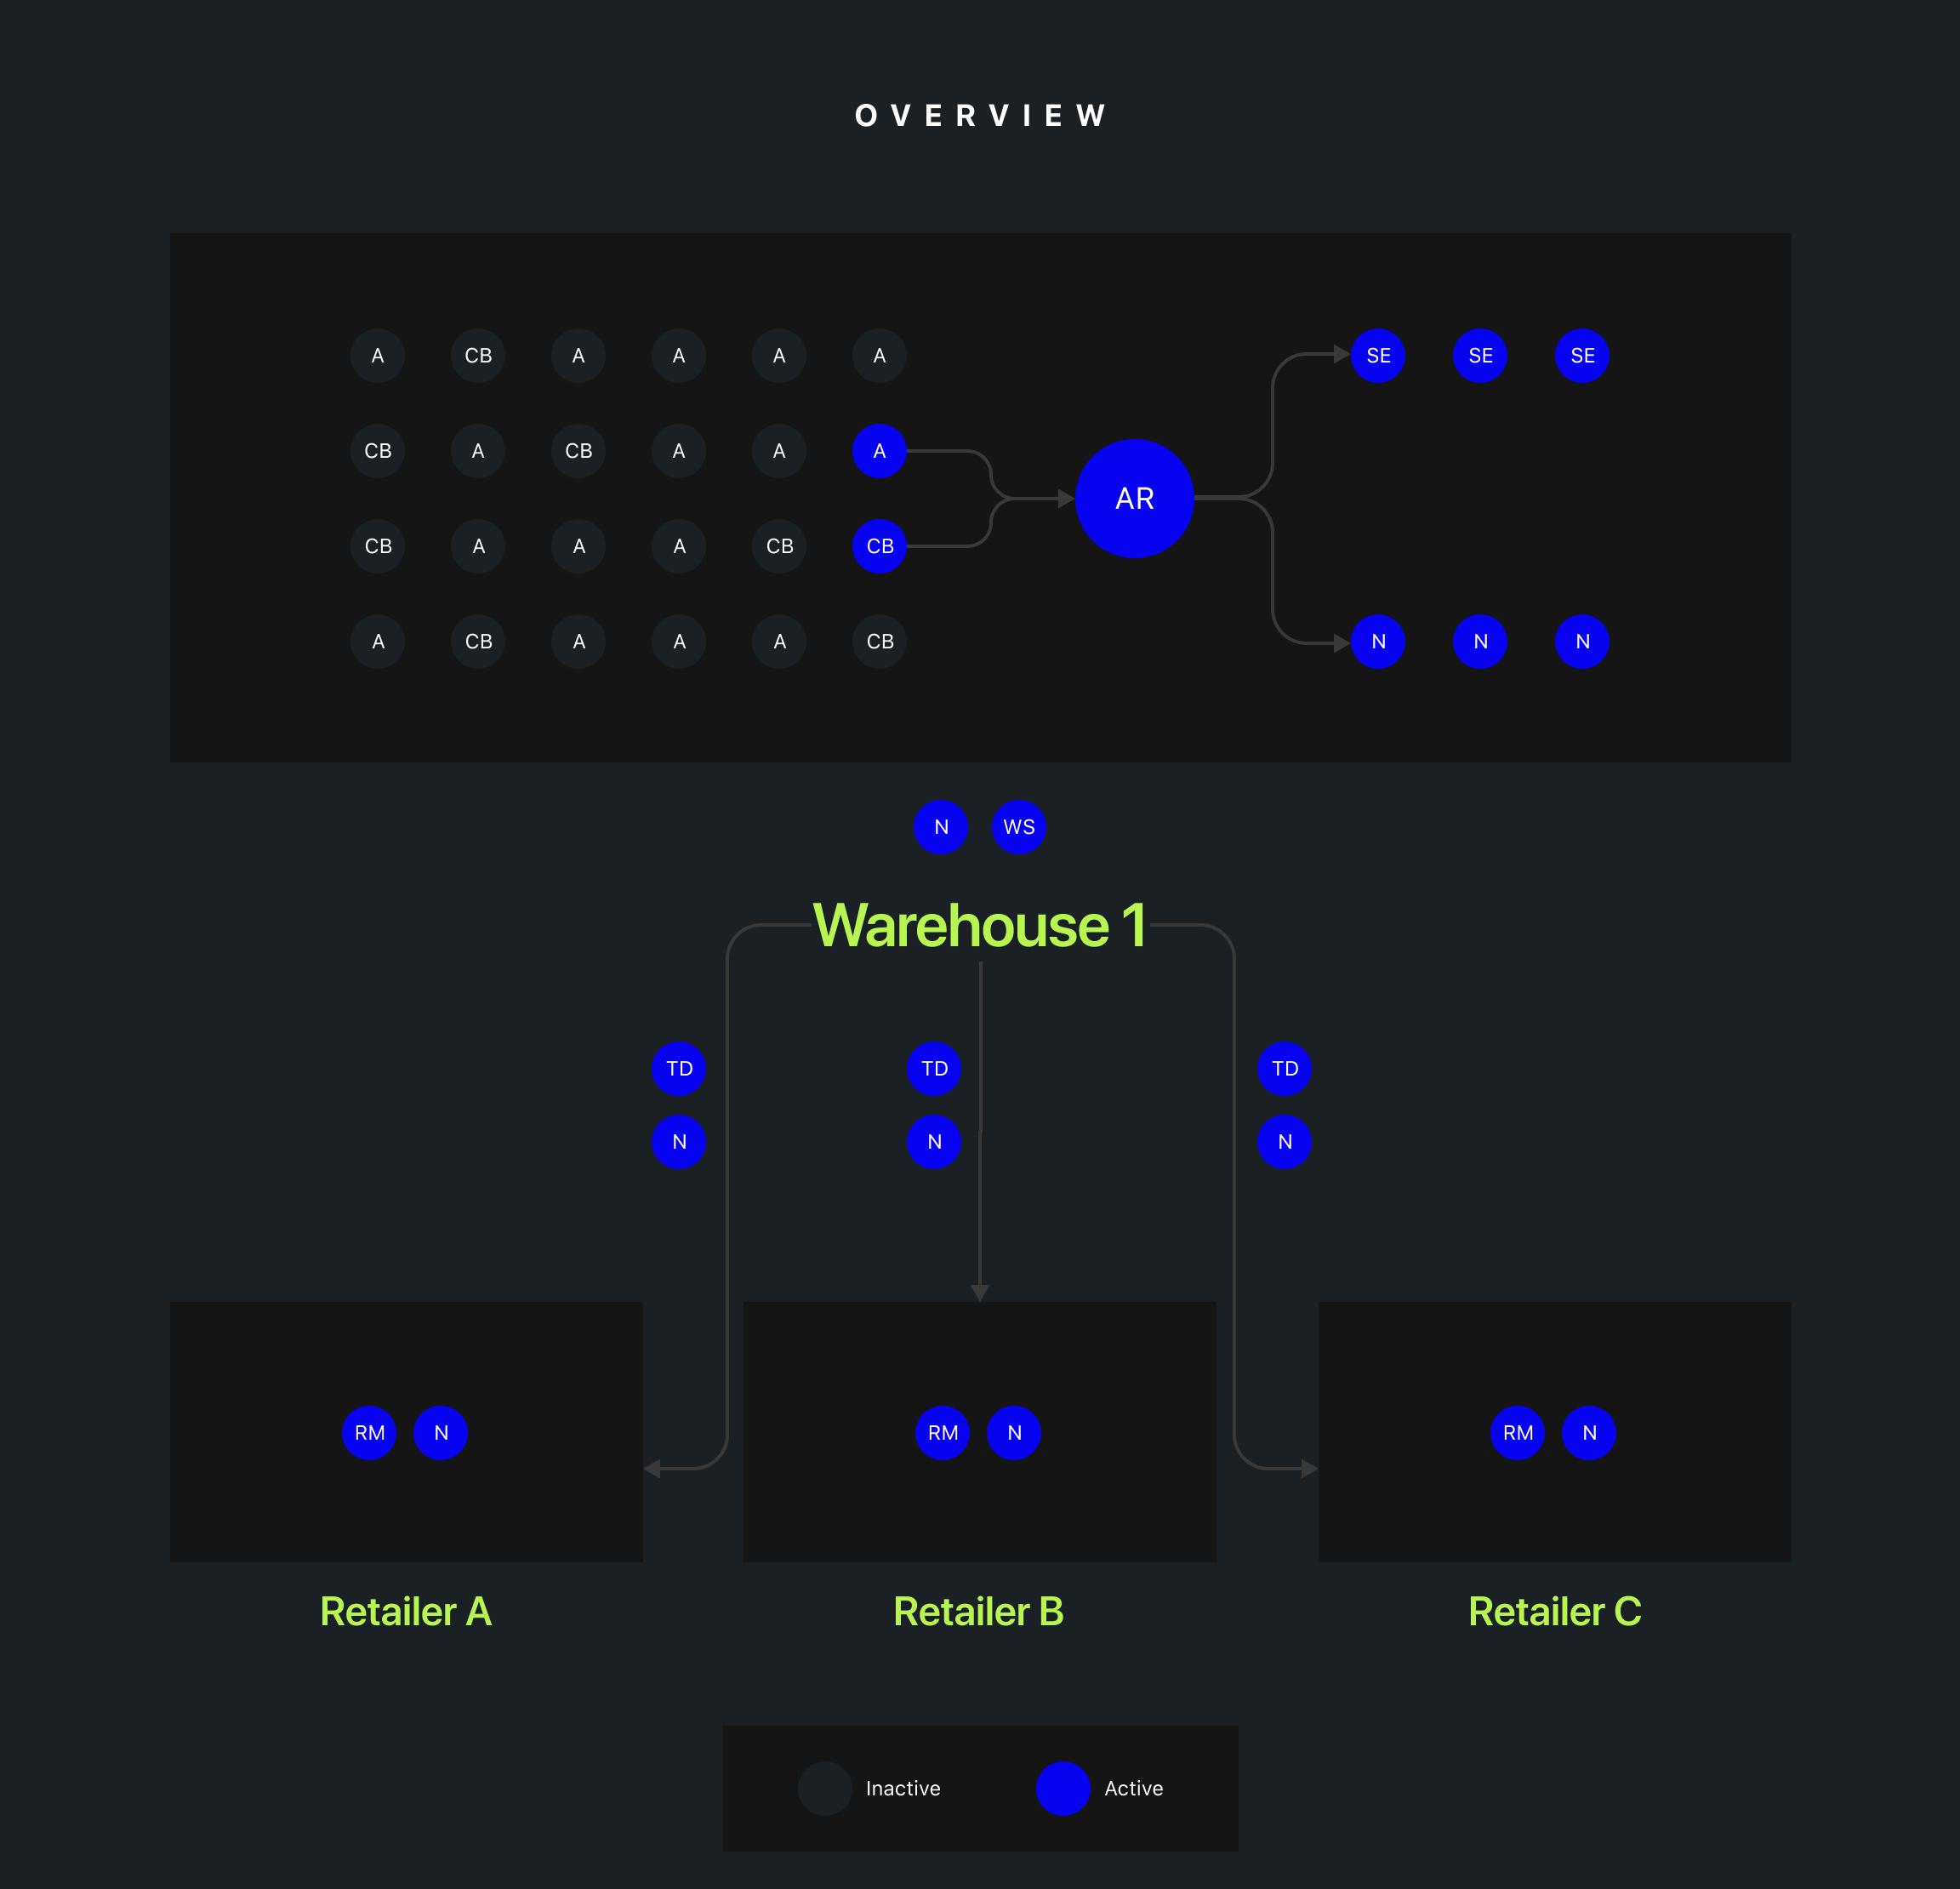 ericsson-overview-2